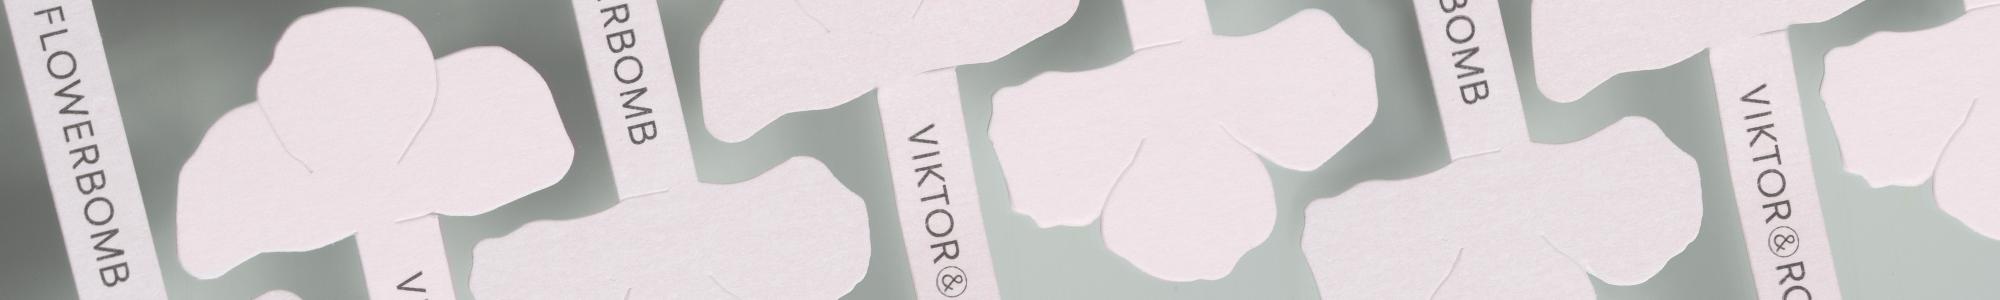 Les Petites Mouillettes : Bracelet Viktor & Rolf, le blotter comme un bijou à parfumer